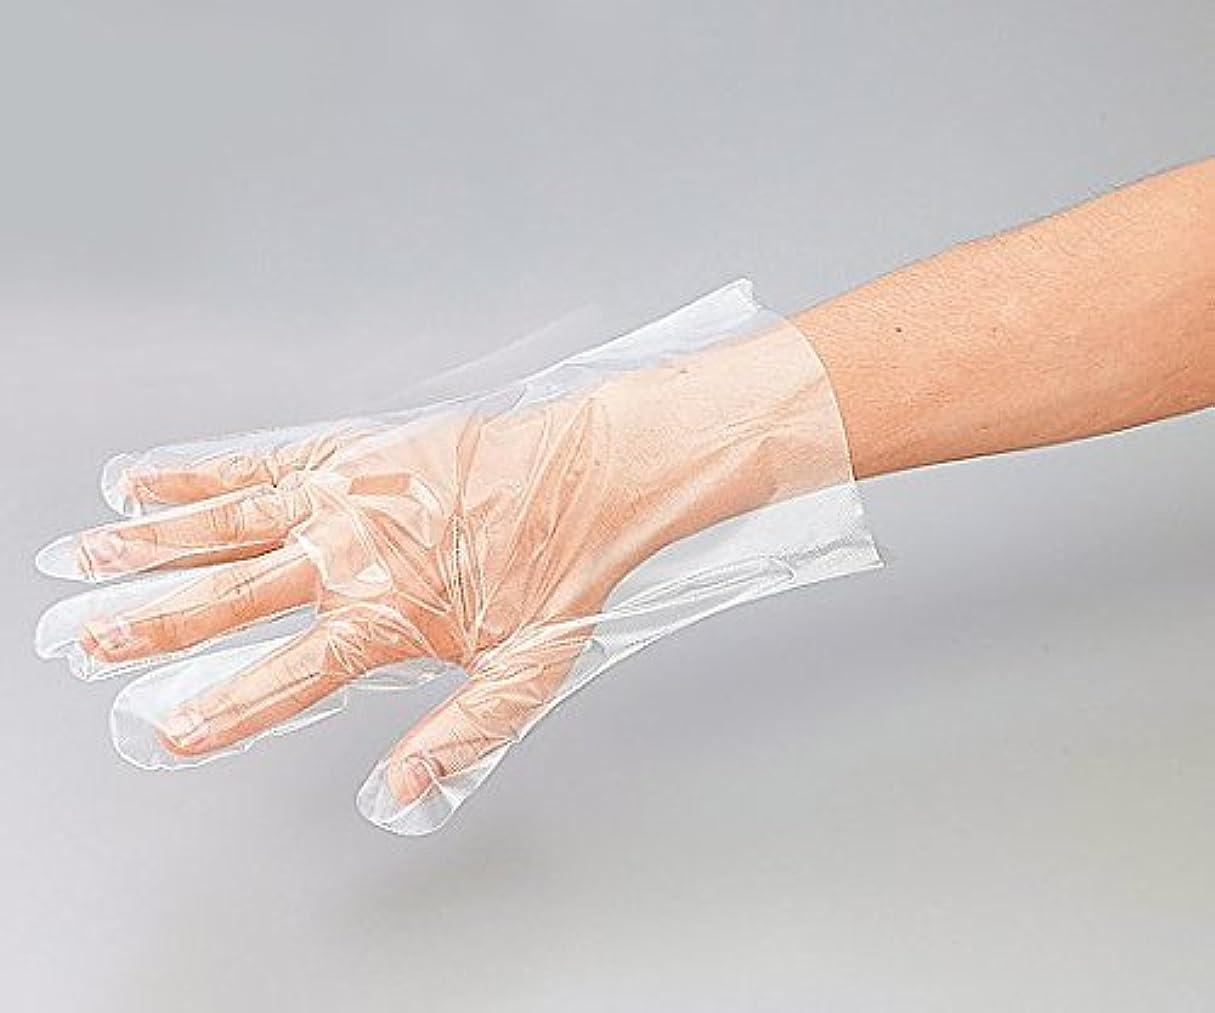 バングラデシュパイロットクランシーナビス(アズワン)8-2587-02プロシェアポリエチレン手袋エンボス無M